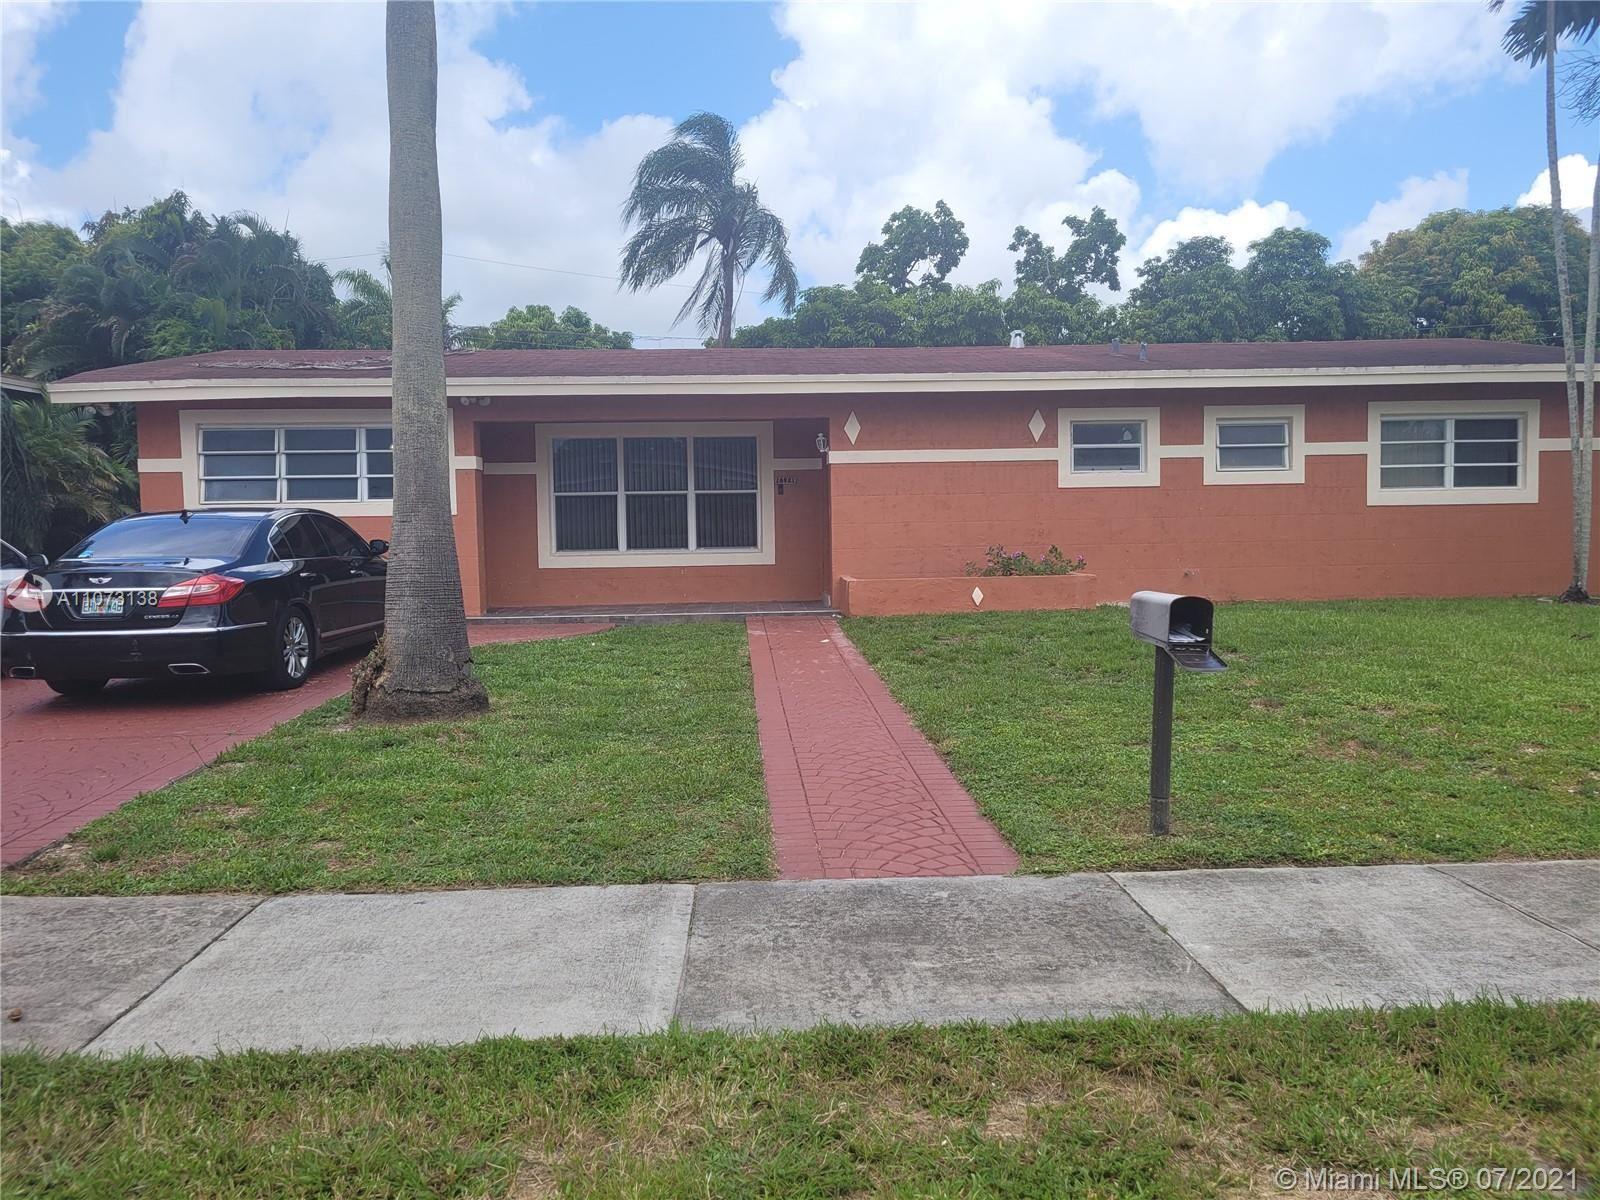 18921 NW 11th Ave, Miami Gardens, FL 33169 - #: A11073138